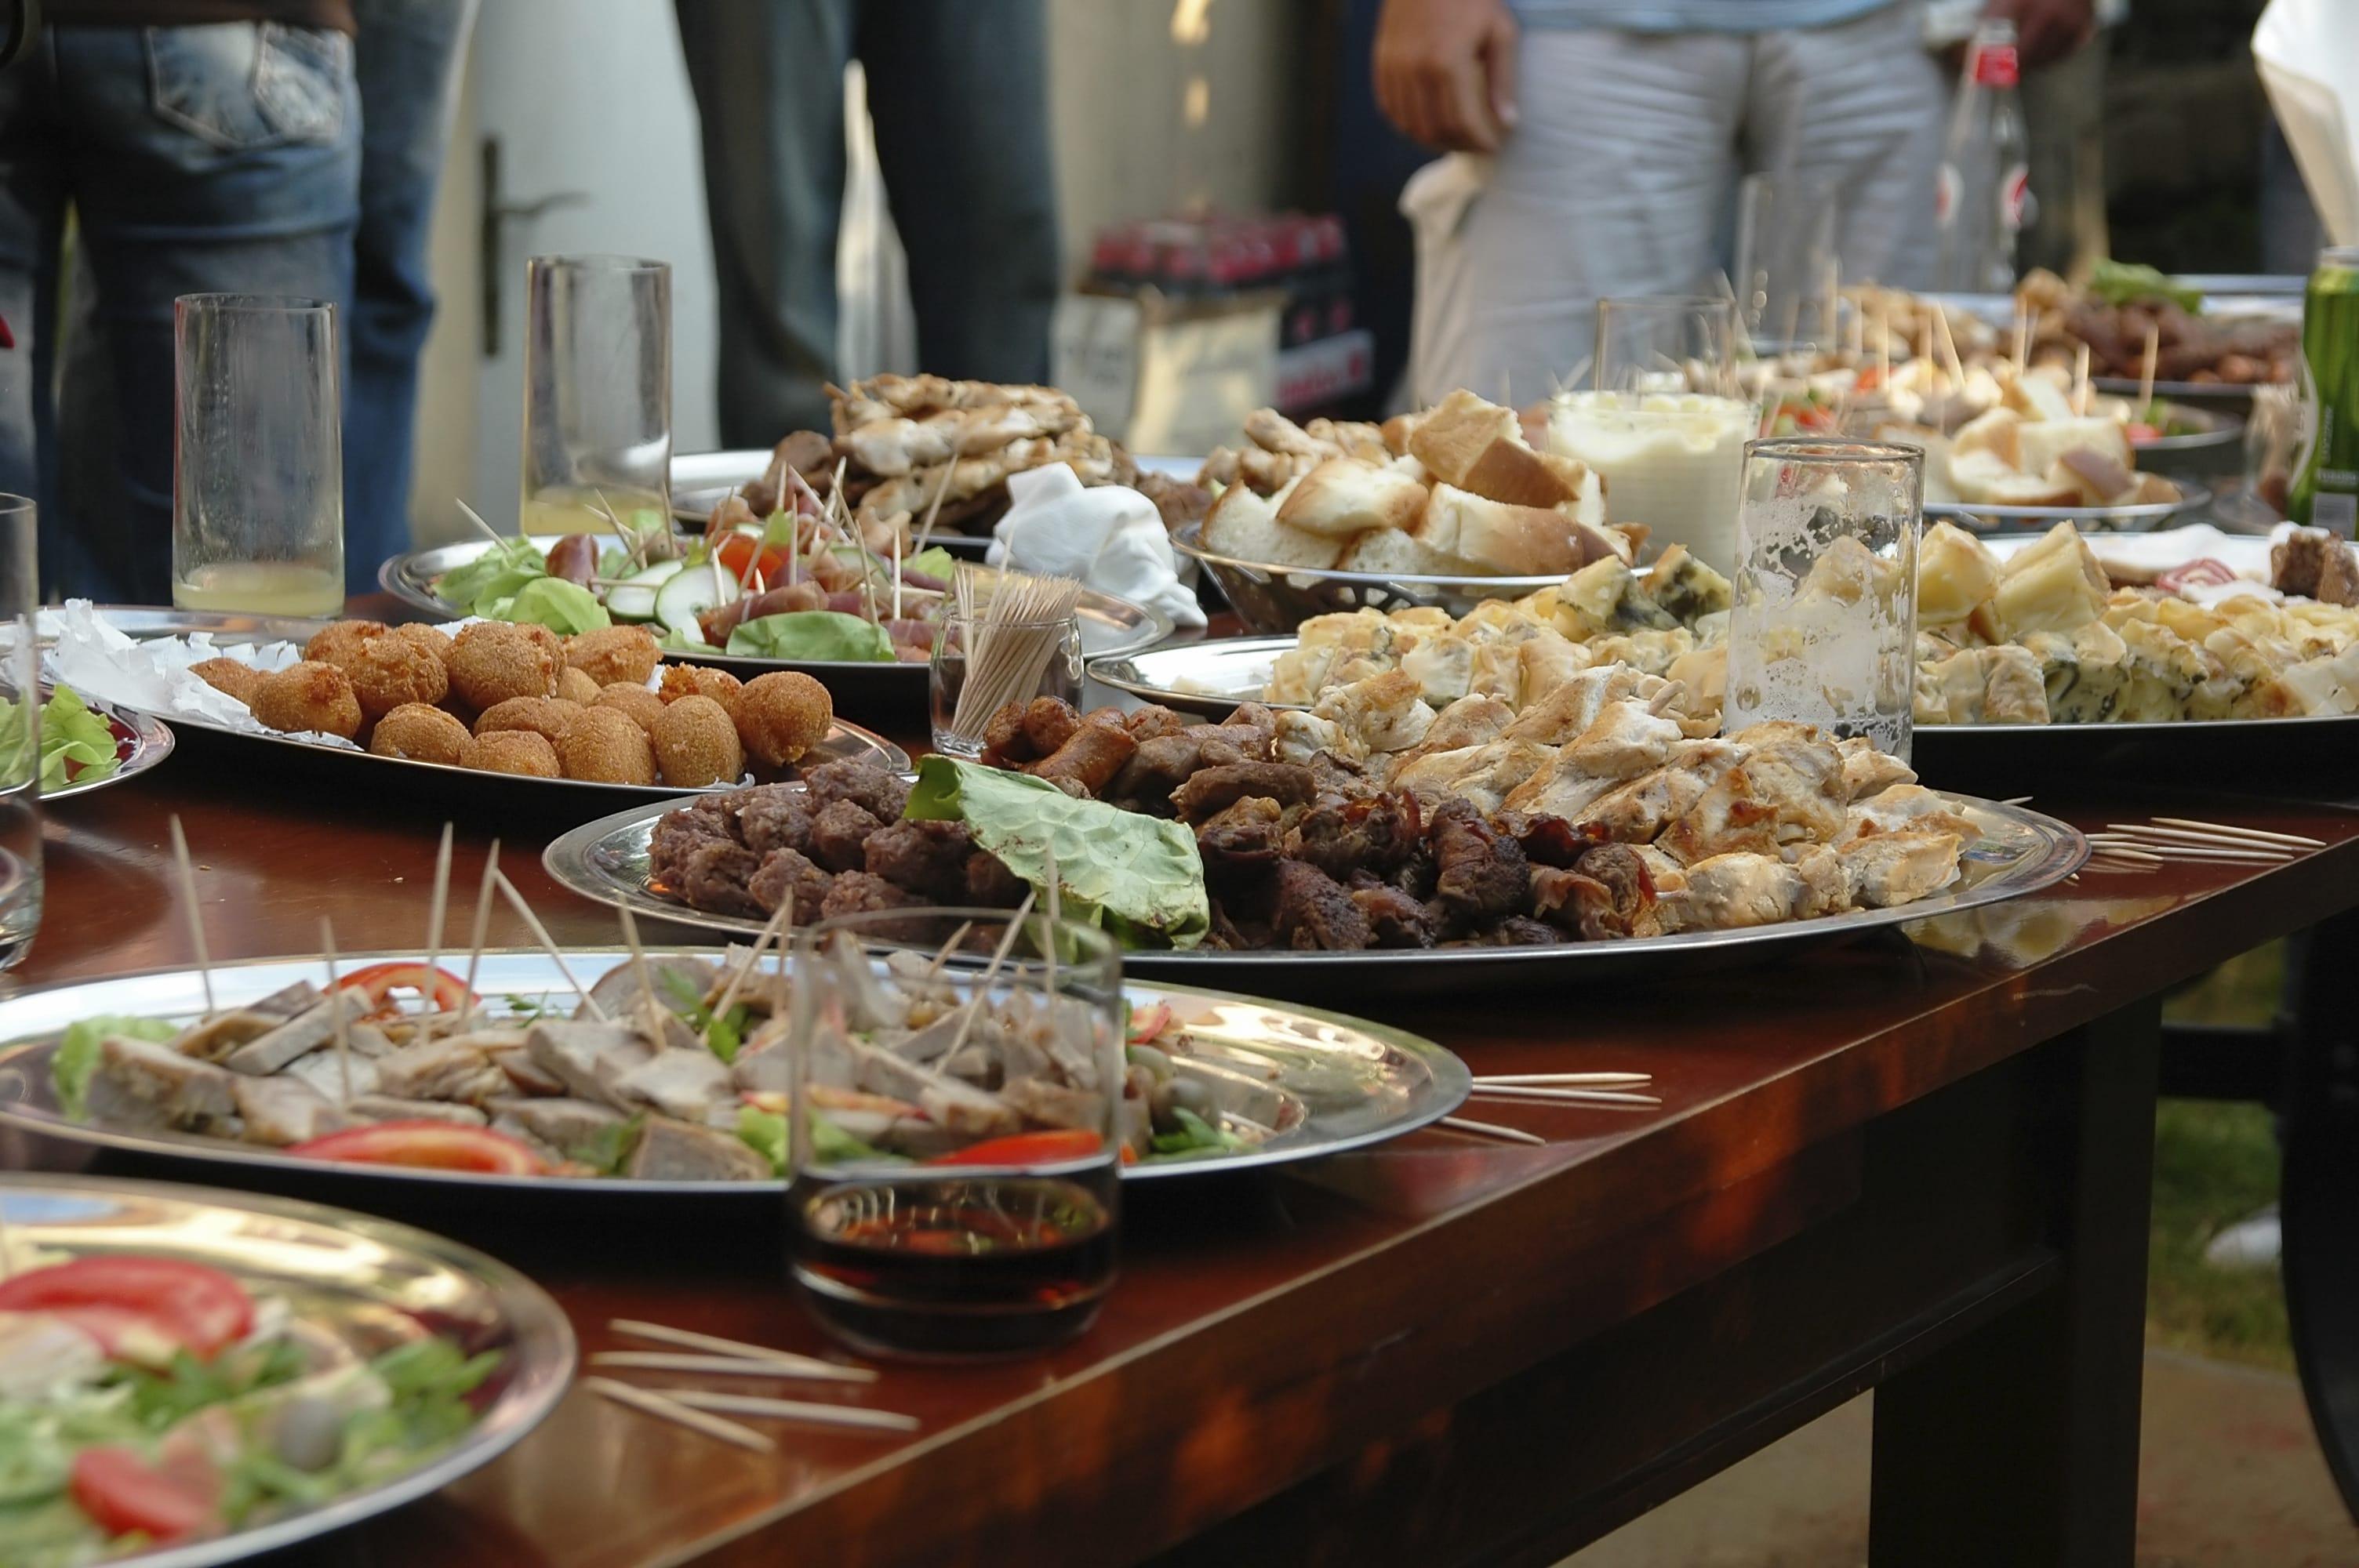 Molto Come organizzare un aperitivo in casa - Non sprecare KD59